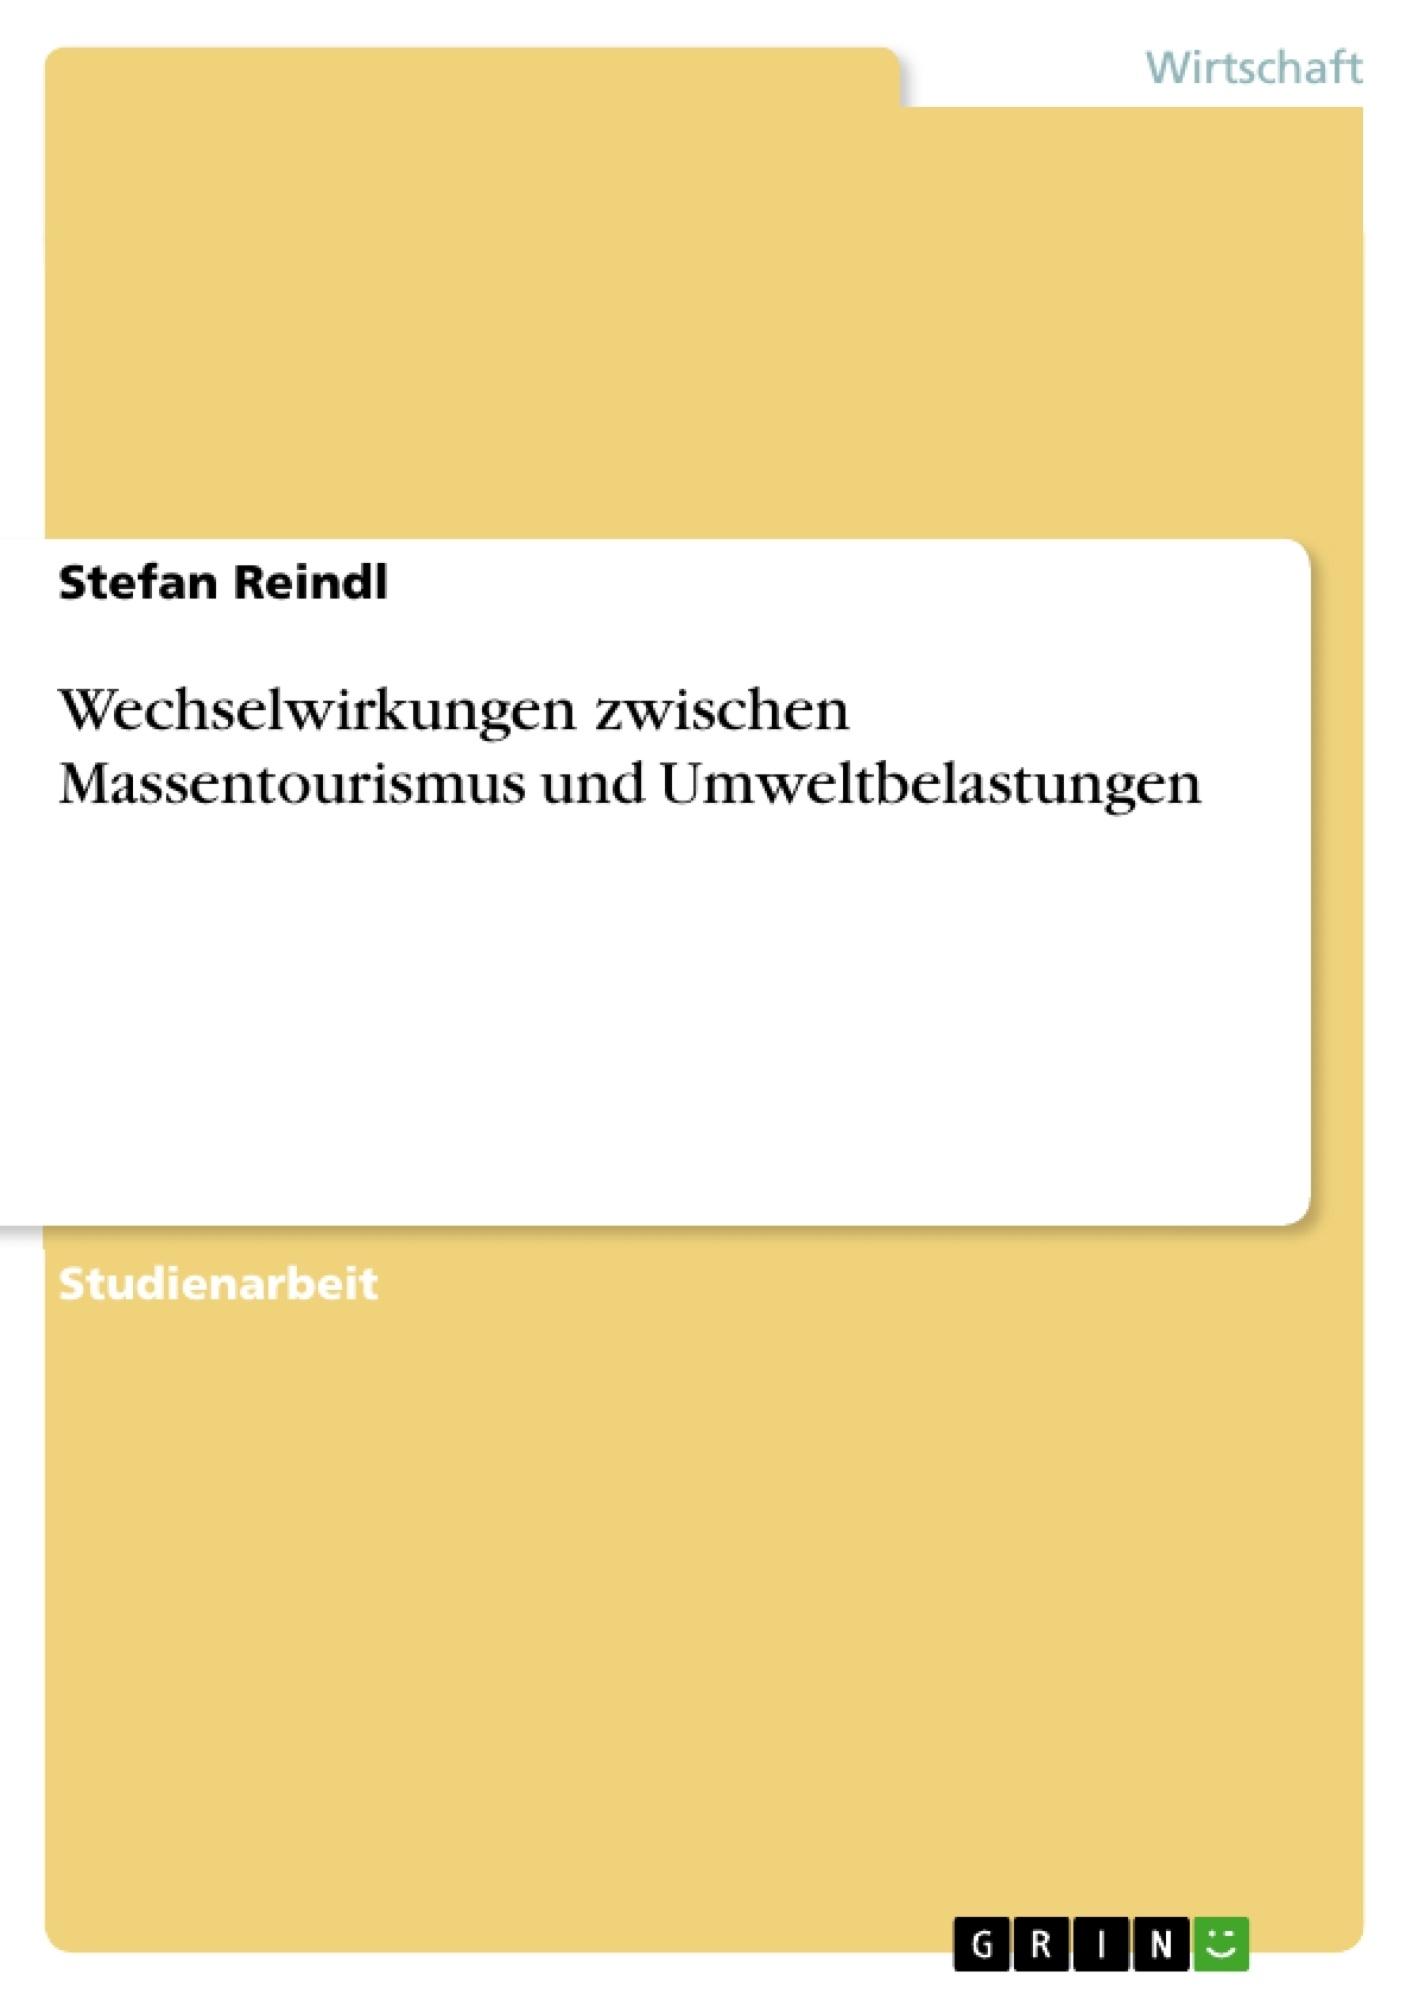 Titel: Wechselwirkungen zwischen Massentourismus und Umweltbelastungen